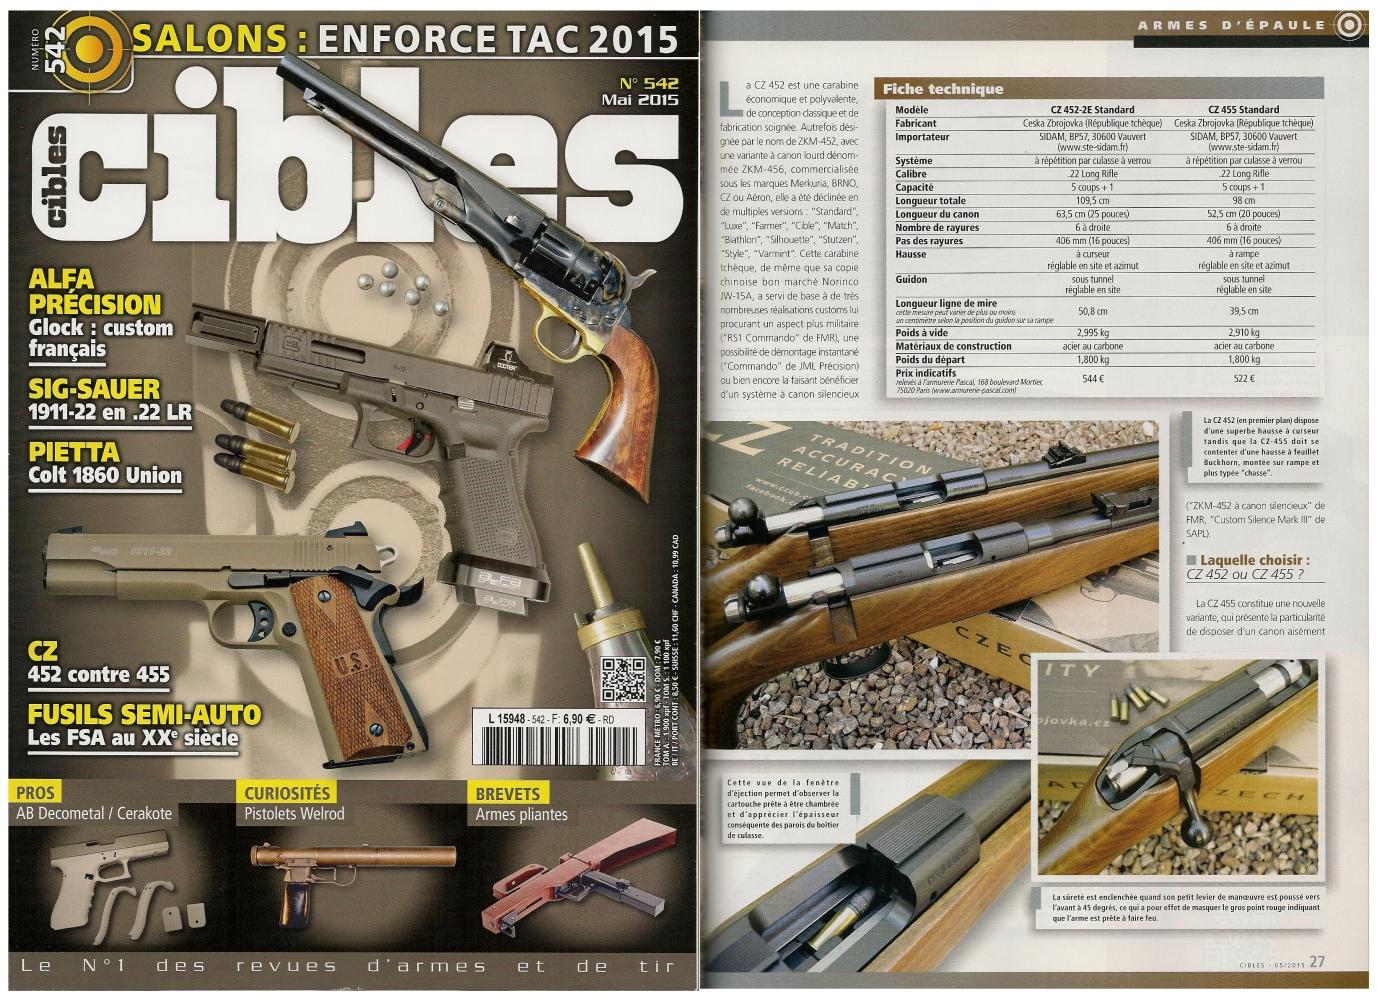 Le banc d'essai des carabines CZ 452 et CZ 455 a été publié sur 8 pages dans le magazine Cibles n°542 (mai 2015)